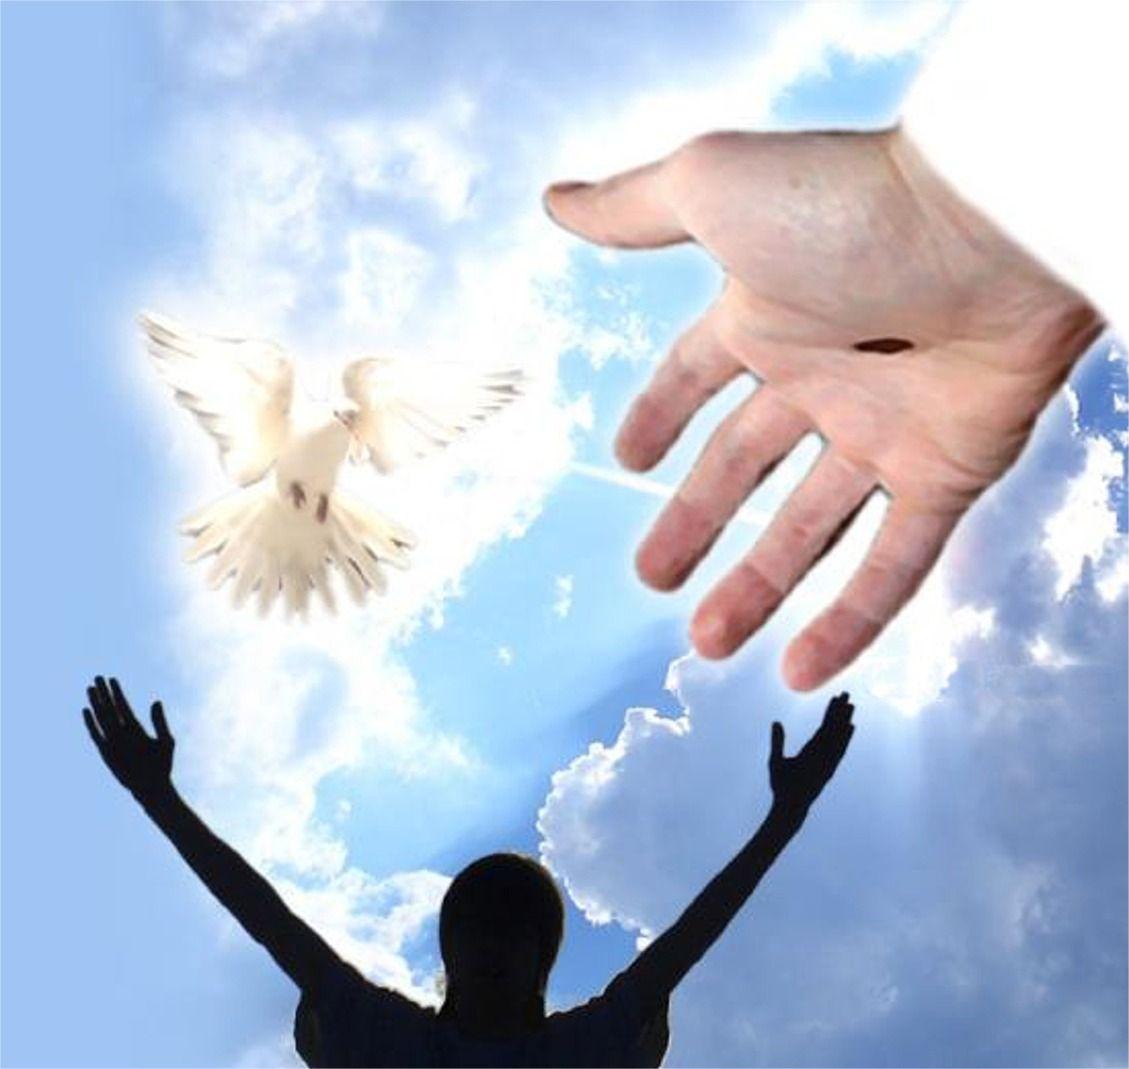 Resultado de imagen para IMAGENES COMERCIALES JESUS Y EL ESPIRITU SANTO